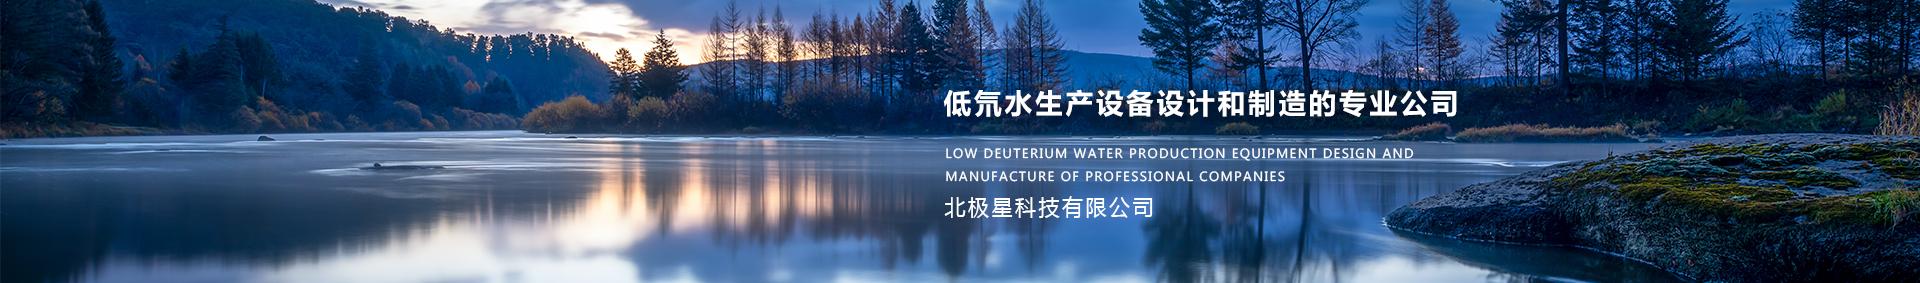 低氘水设备